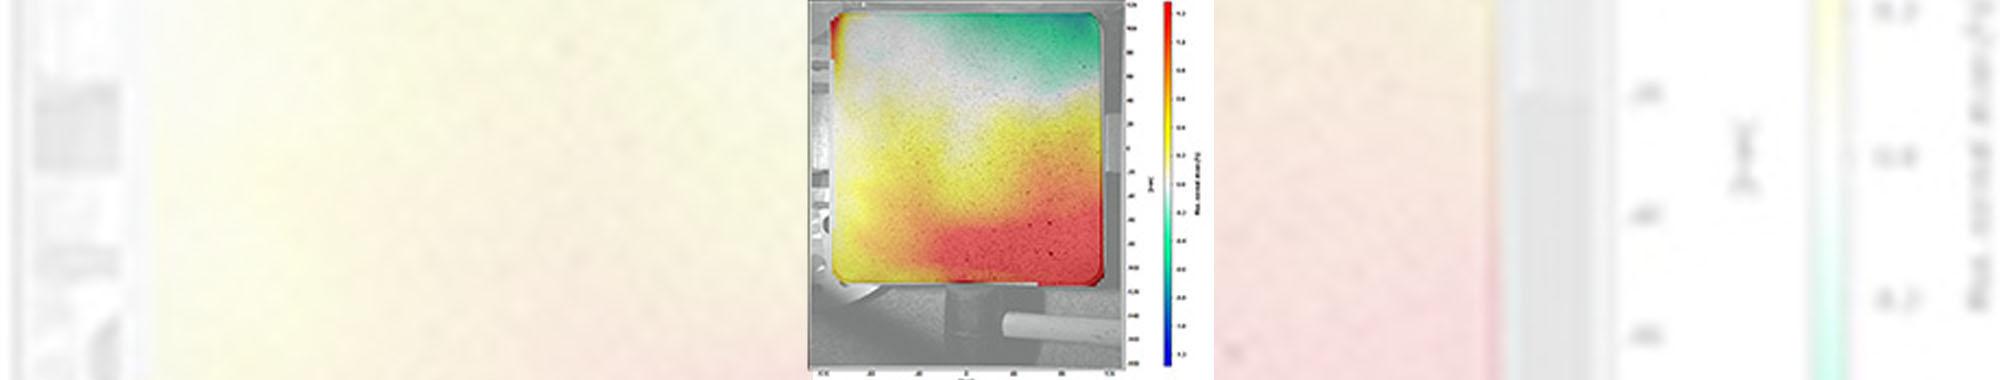 アルミ板の衝撃時ひずみ分布の解析(DIC解析)